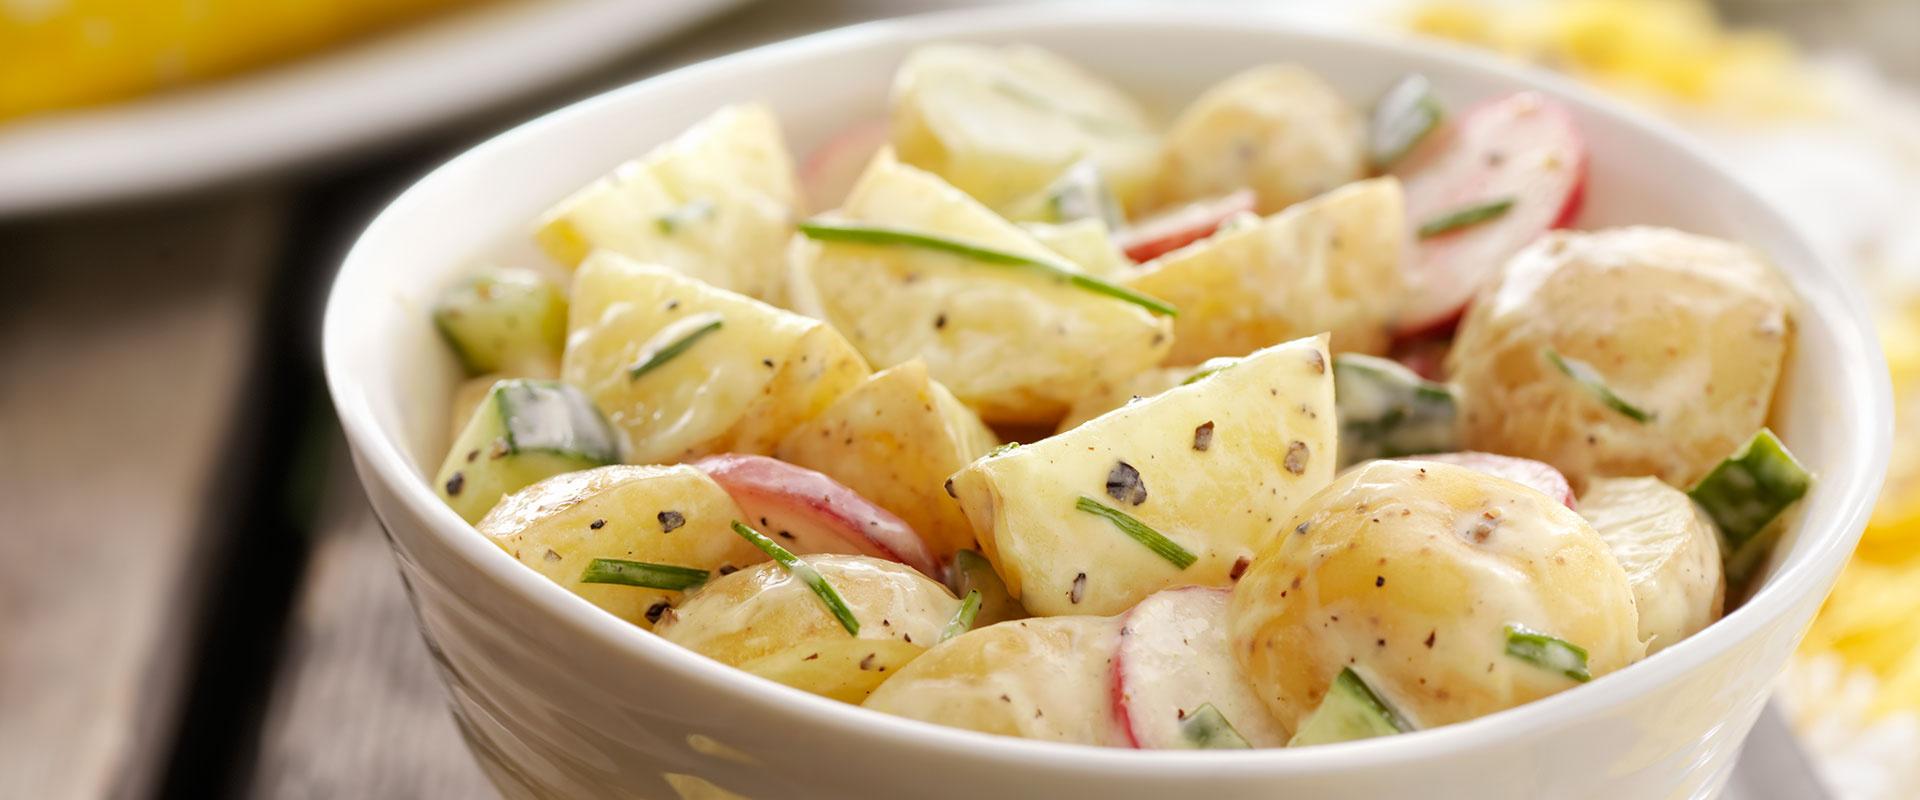 krumplisalátacover